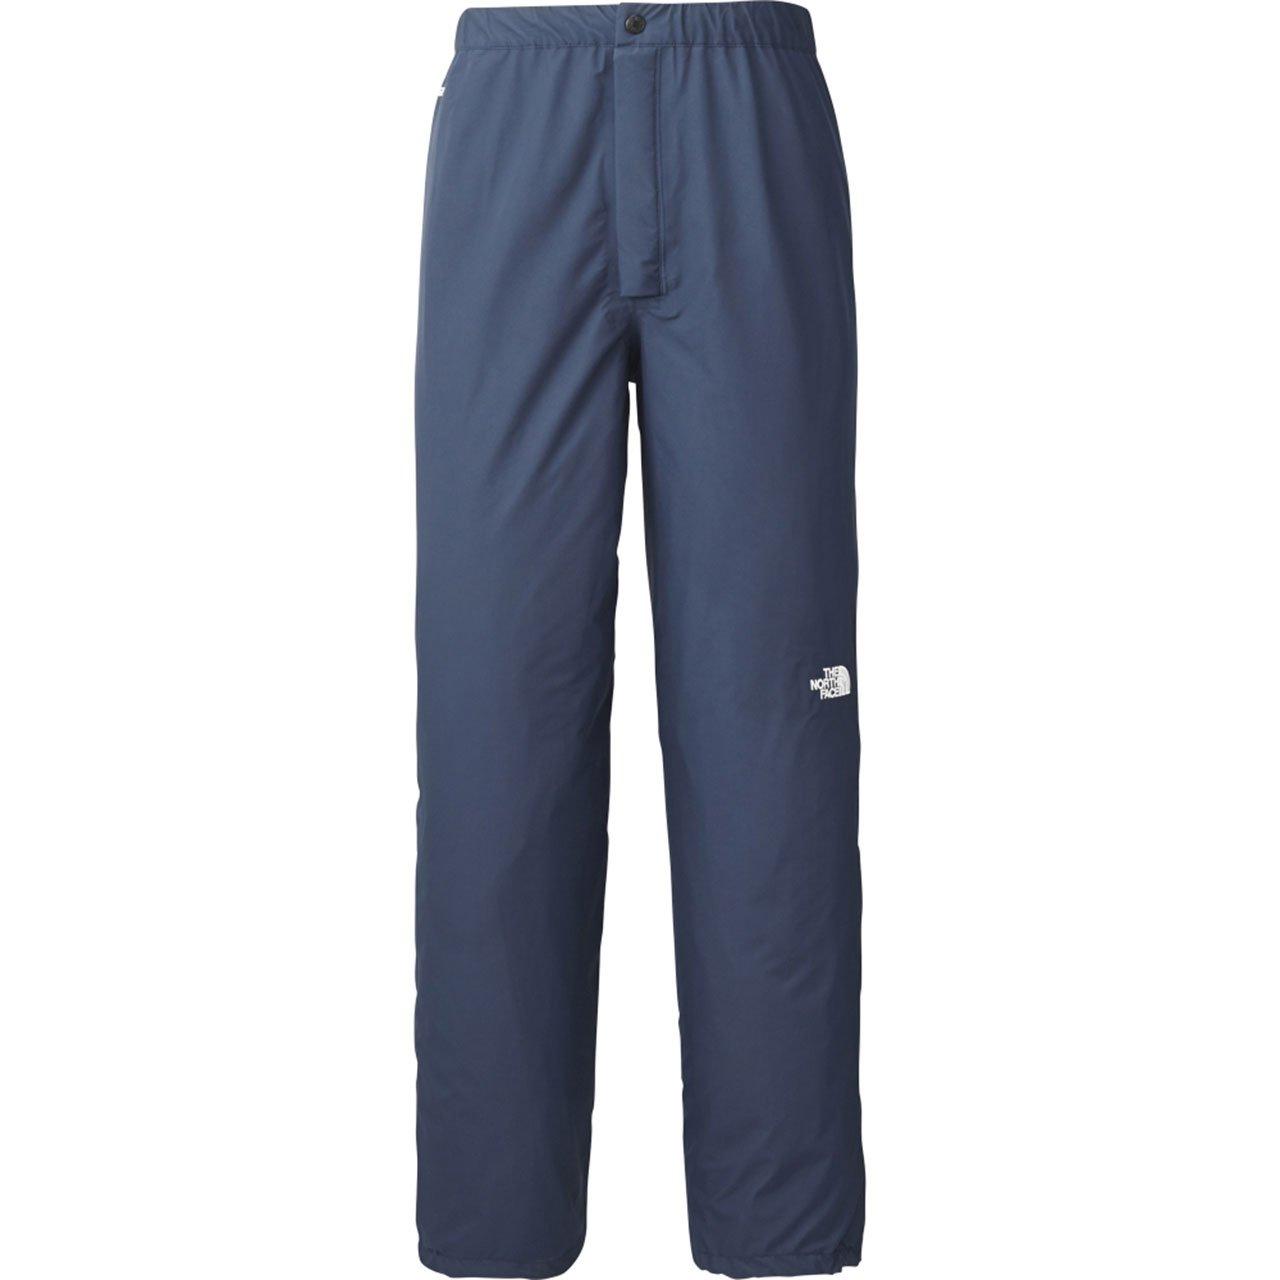 [ザノースフェイス]クライムライトジップパンツ Climb Light Zip Pant メンズ B00TZFRATK 日本 TM-(日本サイズM相当)|コズミックブルー コズミックブルー 日本 TM-(日本サイズM相当)